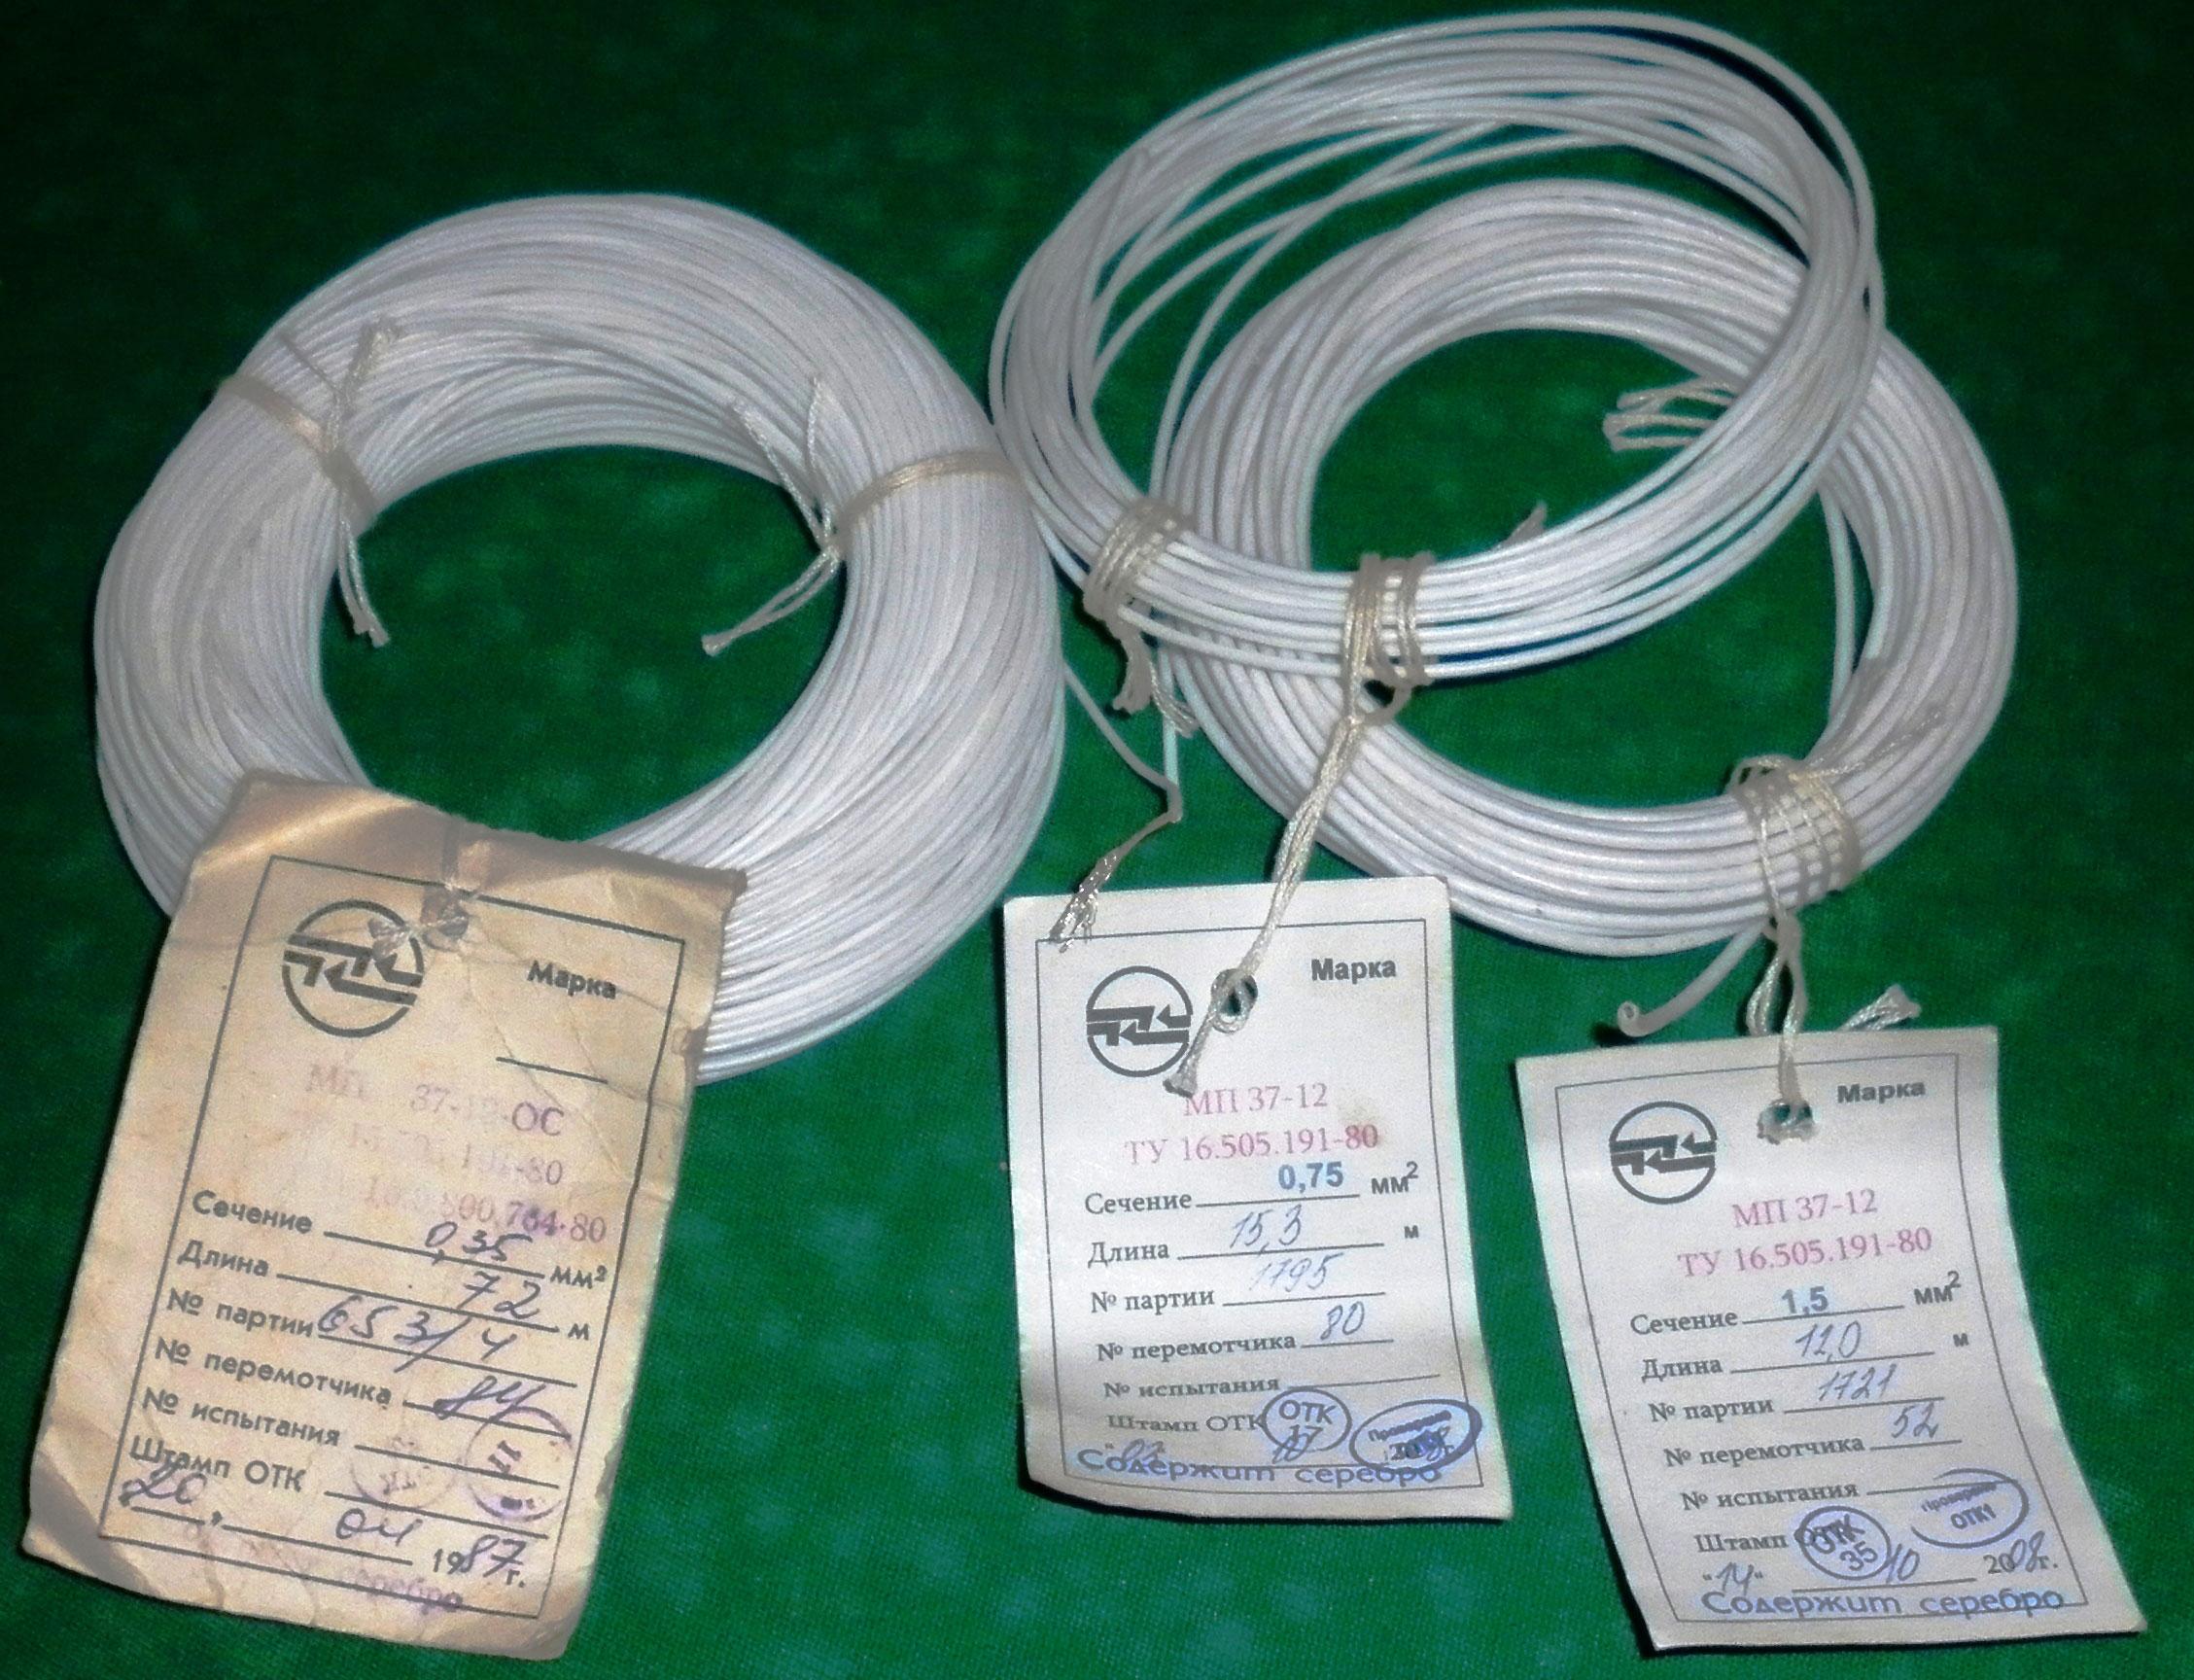 кабель nym-j и nym-o отличия